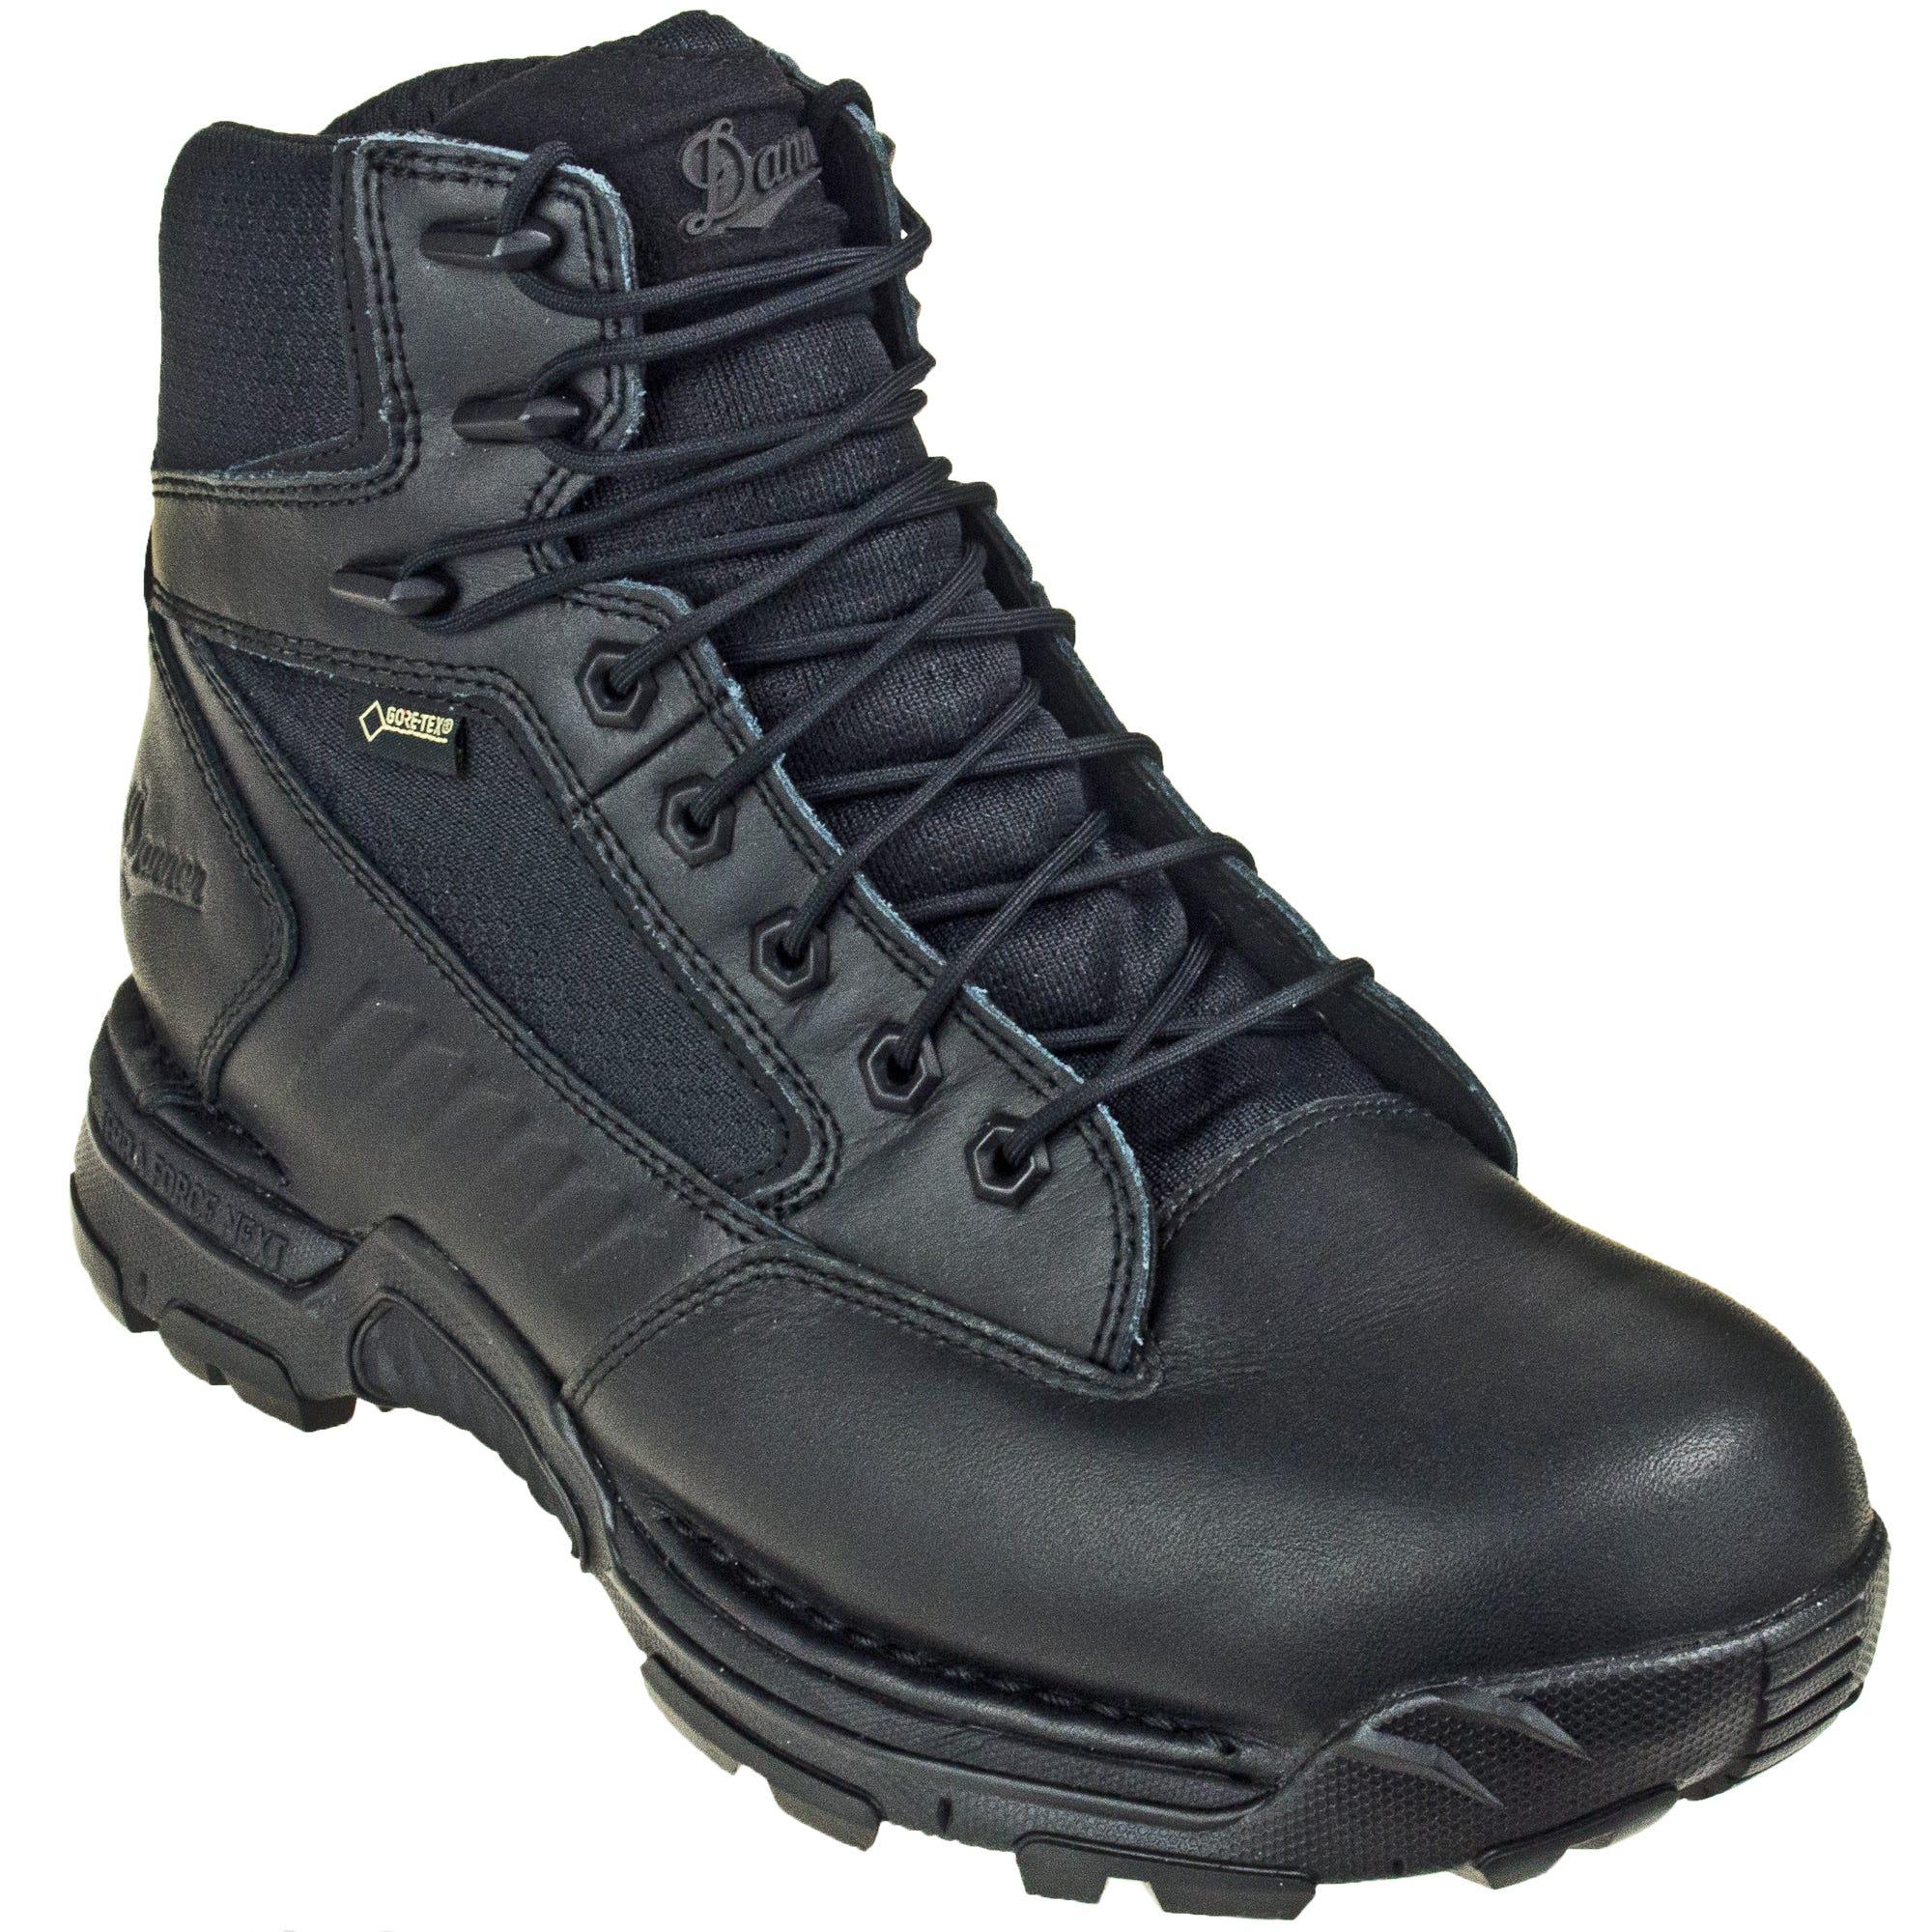 8d3b4d50e35 Danner Boots: Men's 6 Inch Black 26632 Striker Bolt Duty Boots ...